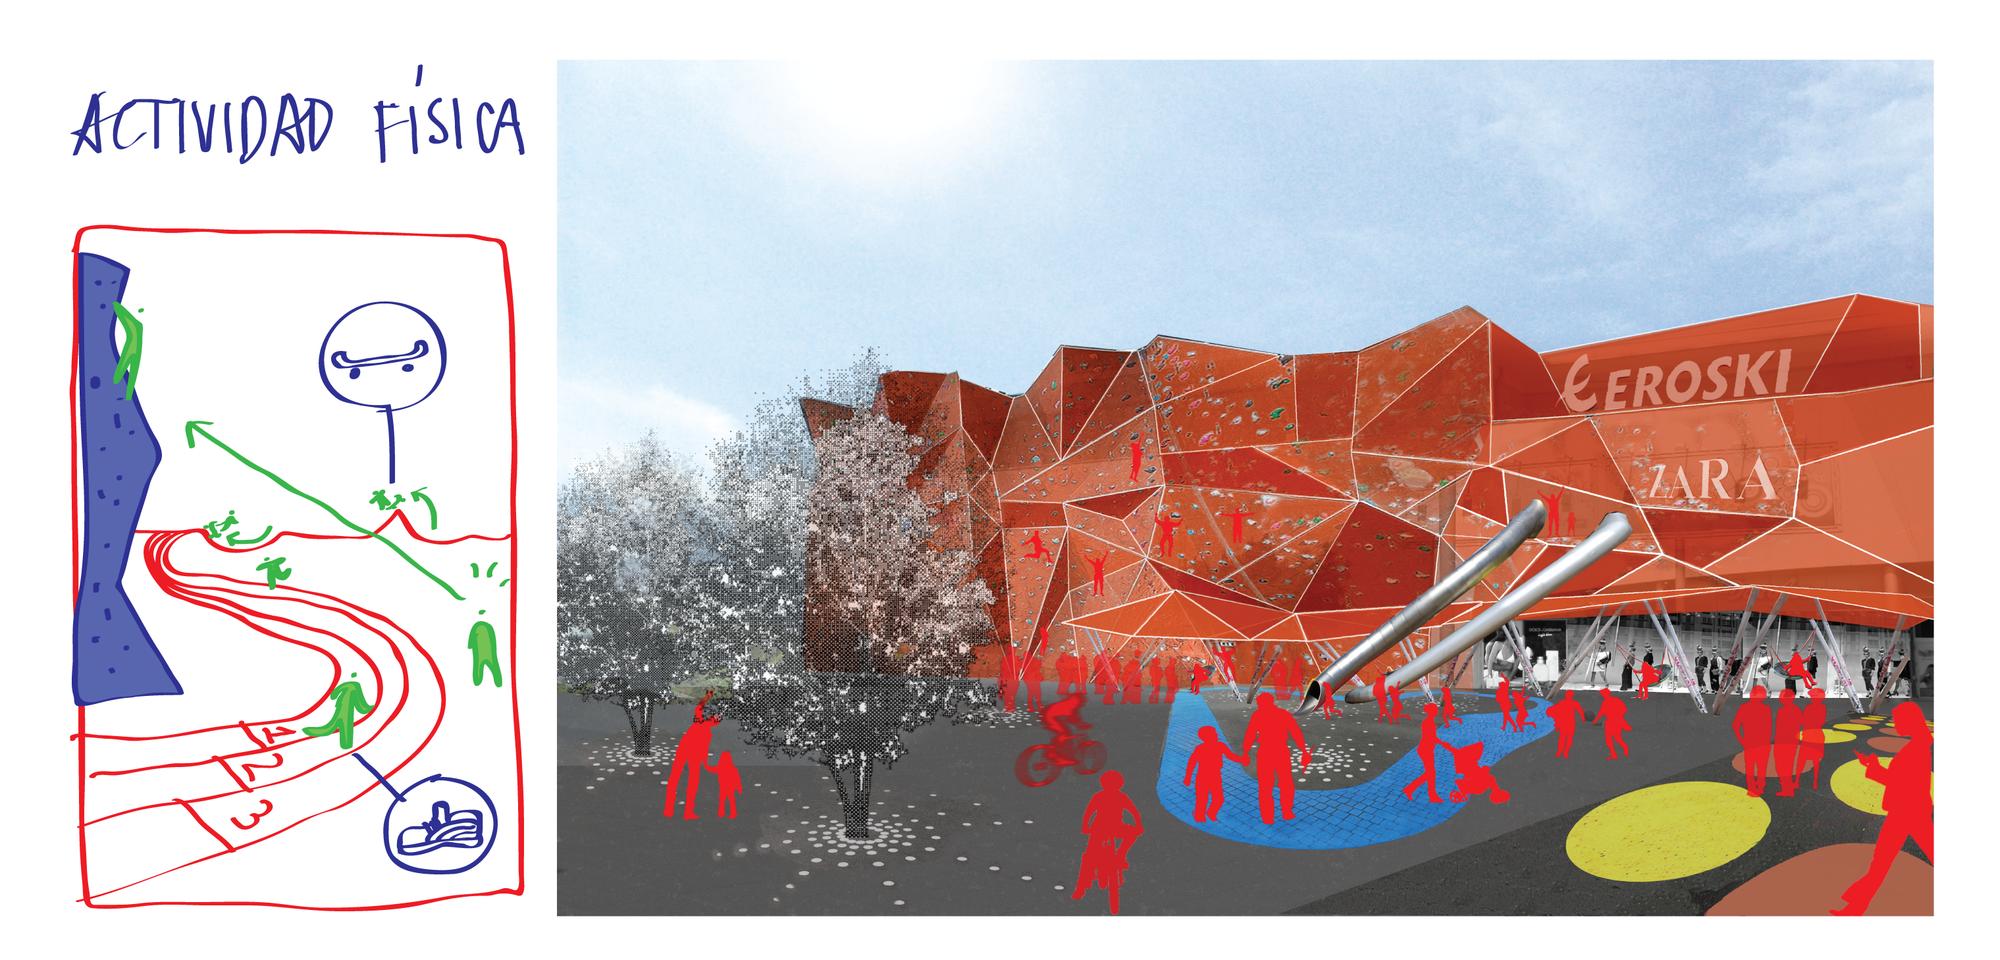 Introducción de actividad física-deportiva en el espacio comercial.. Image Cortesia de Ecosistema Urbano